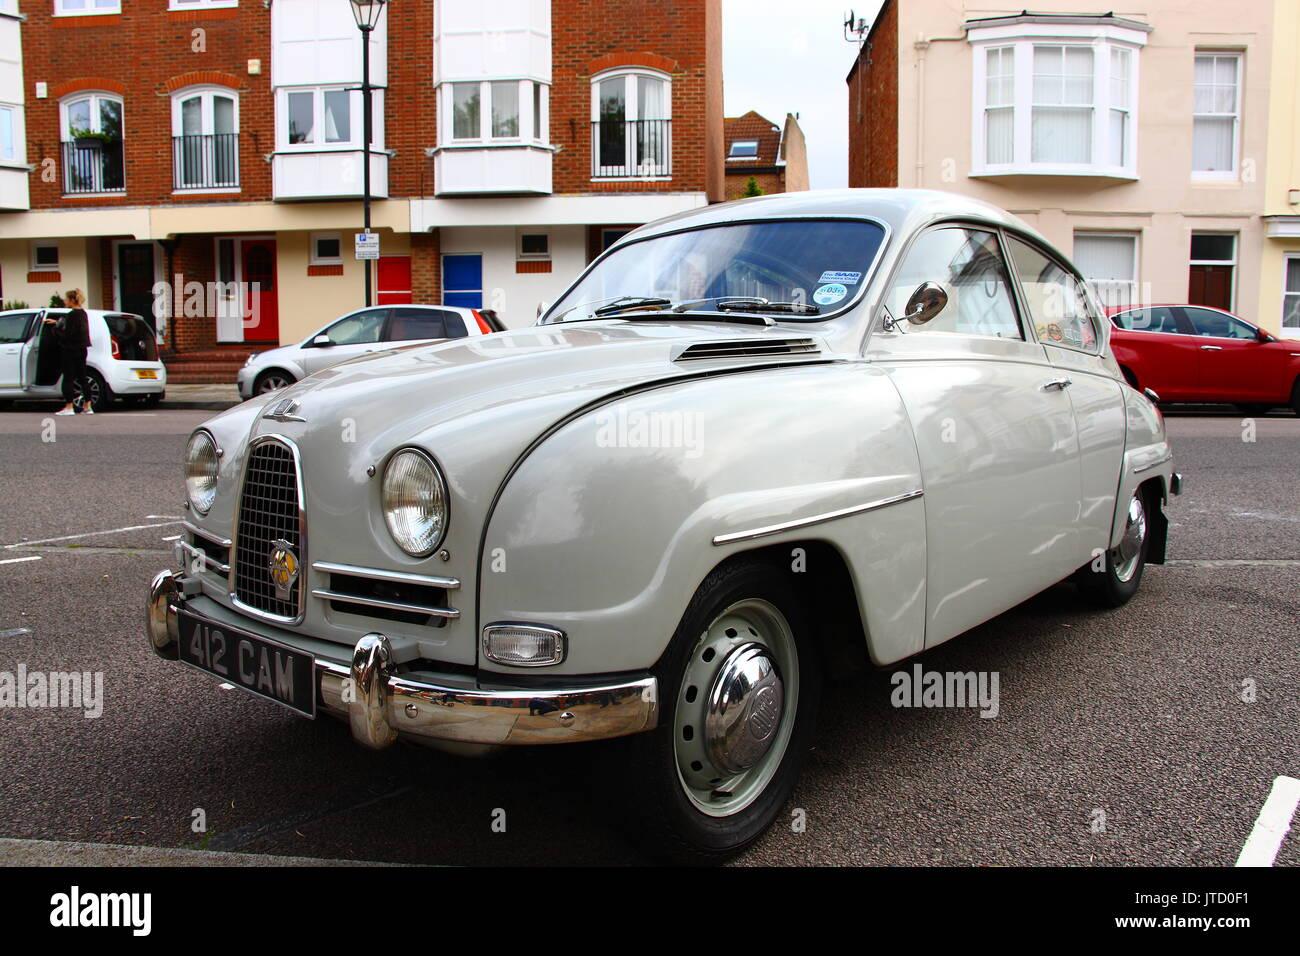 Live In France Take Uk Car